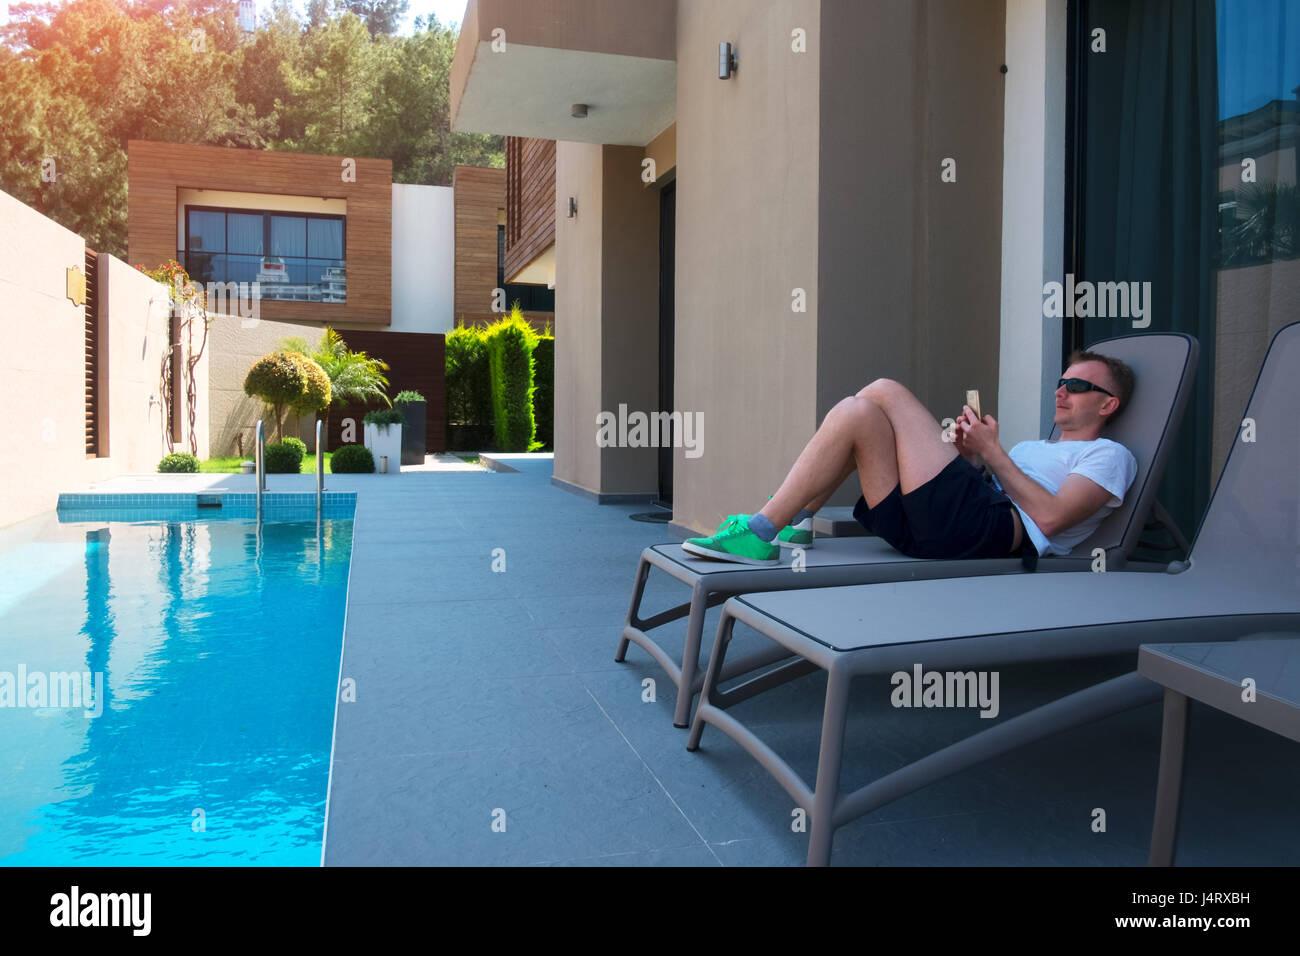 Case Moderne Con Piscina : L uomo sul rilassante lounge vicino a case moderne con piscina